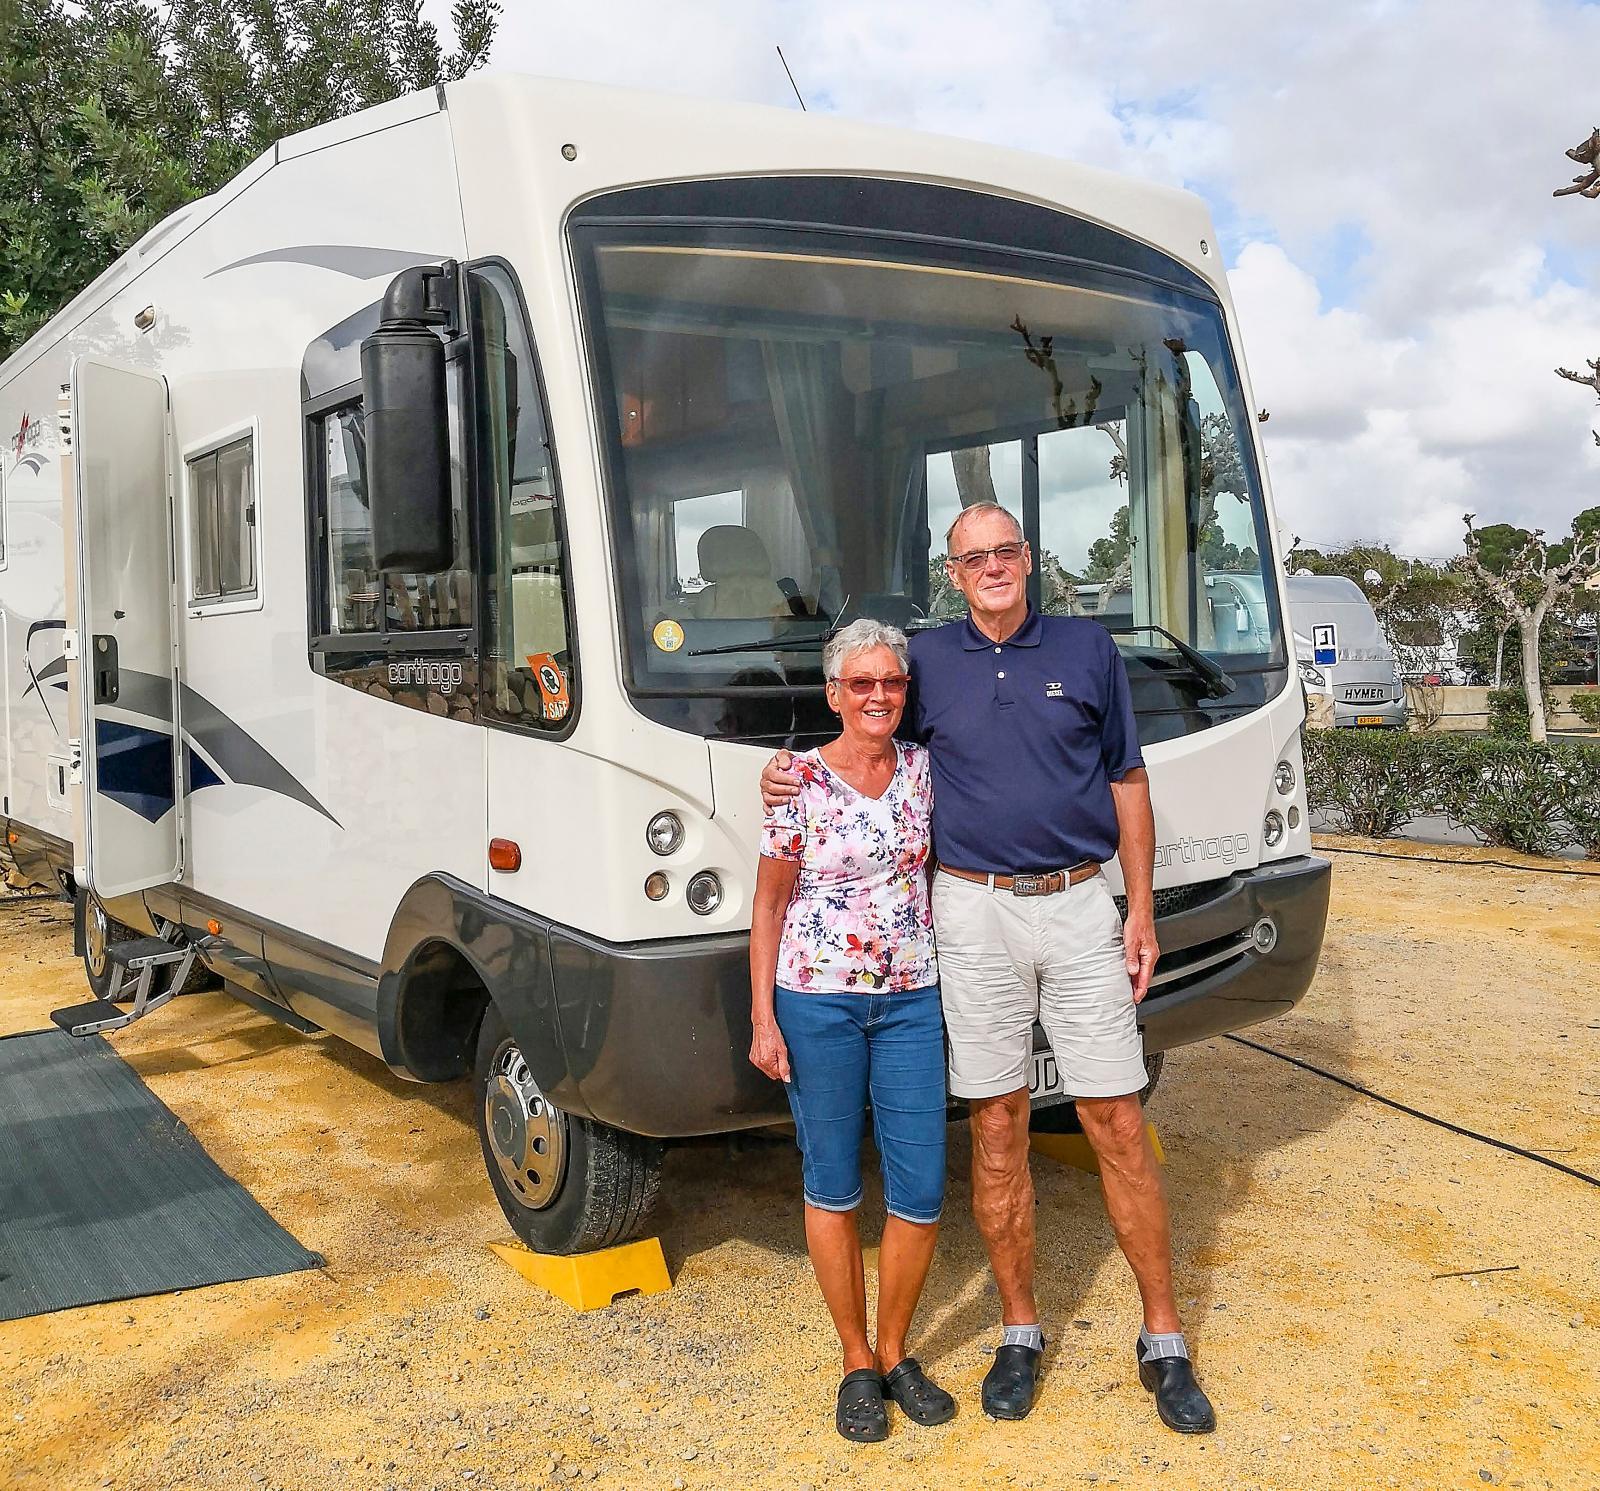 Inger och Ulf Abrahamsson från Mölnlycke bredvid sin Carthago M-Liner 62 på Camping Villasol i Benidorm. Inger är sekreterare och Ulf är ordförande i Carthago Club Sweden.